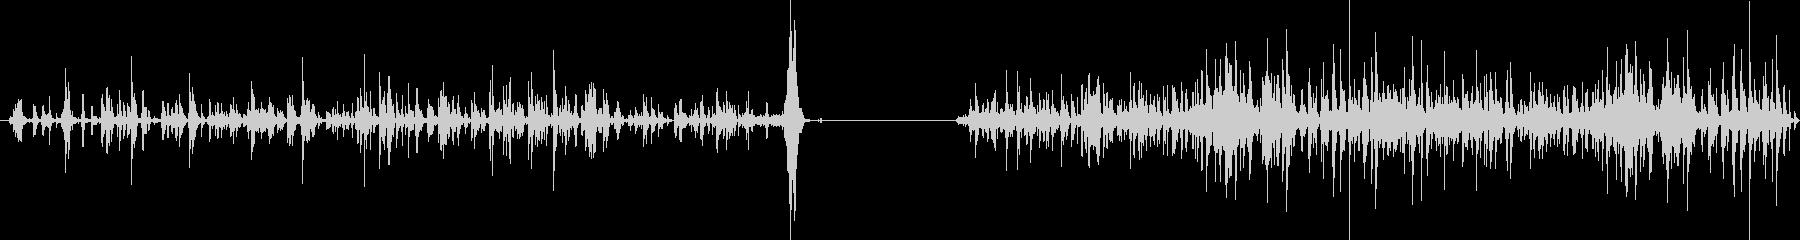 チェーンラトル、2つのバージョン;...の未再生の波形